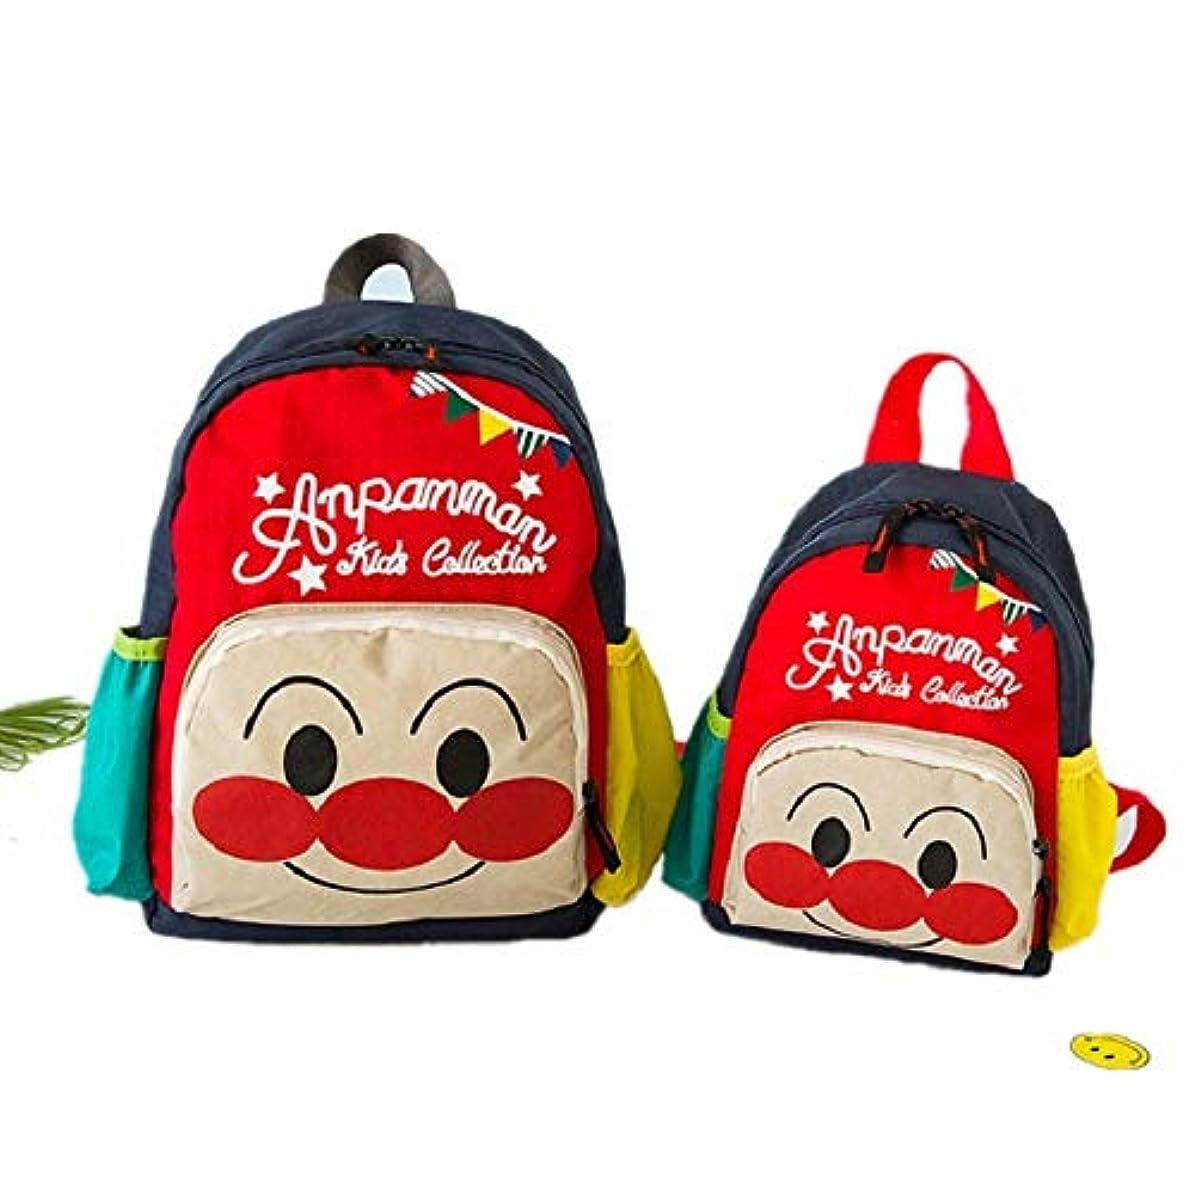 メロドラマ舌な幸福新しいホットかわいい漫画日本アンパンマン幼稚園バックパック親子バックパック小学校ぬいぐるみリュックキッズギフト